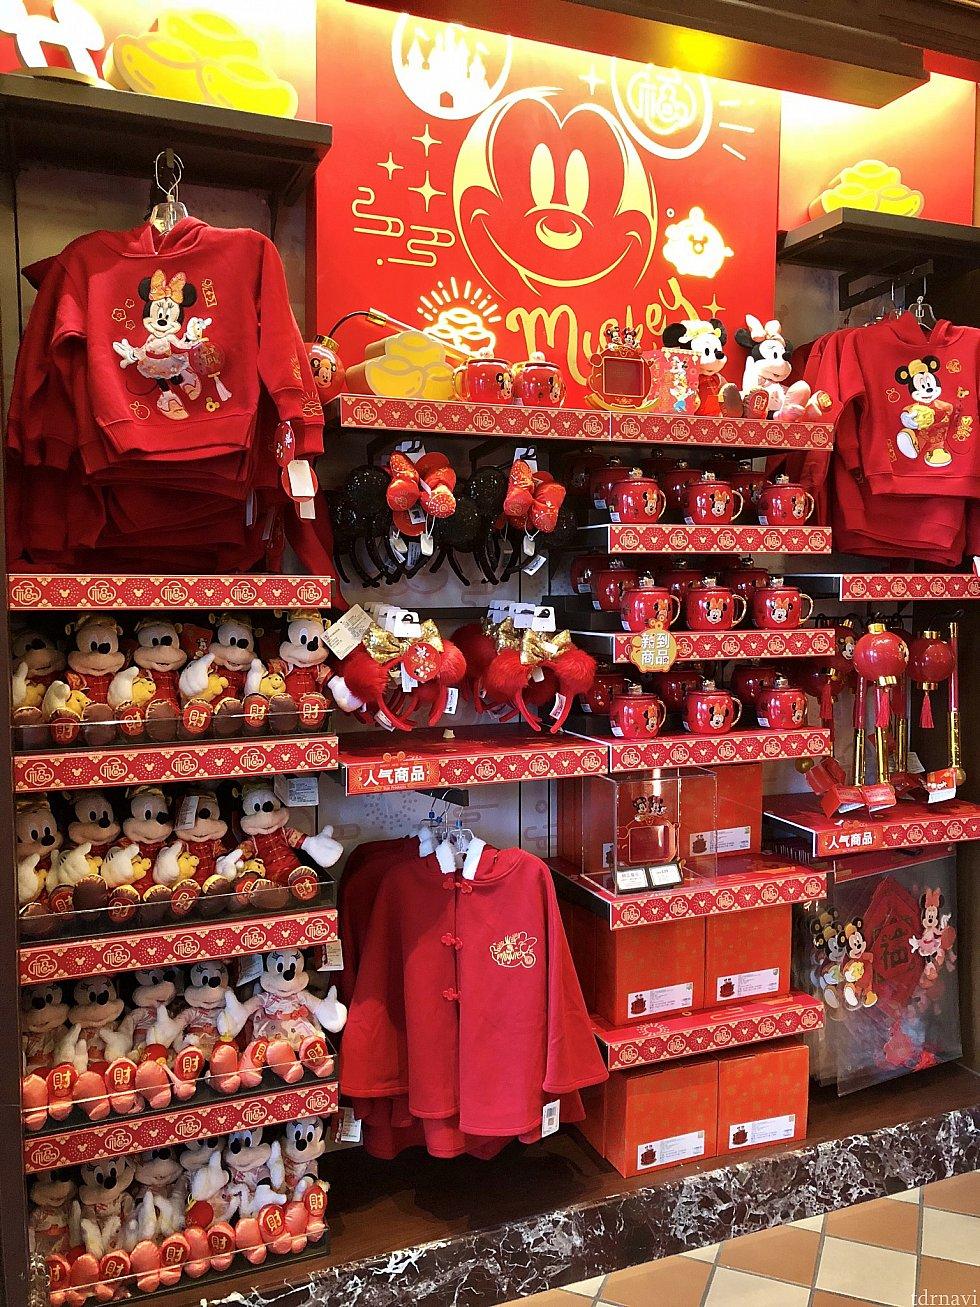 赤い!! パーカーは子ども用 各299元。 下のケープは子ども用ですが、LやXLなら大人でも着れそう!299元。 右側の提灯は125元